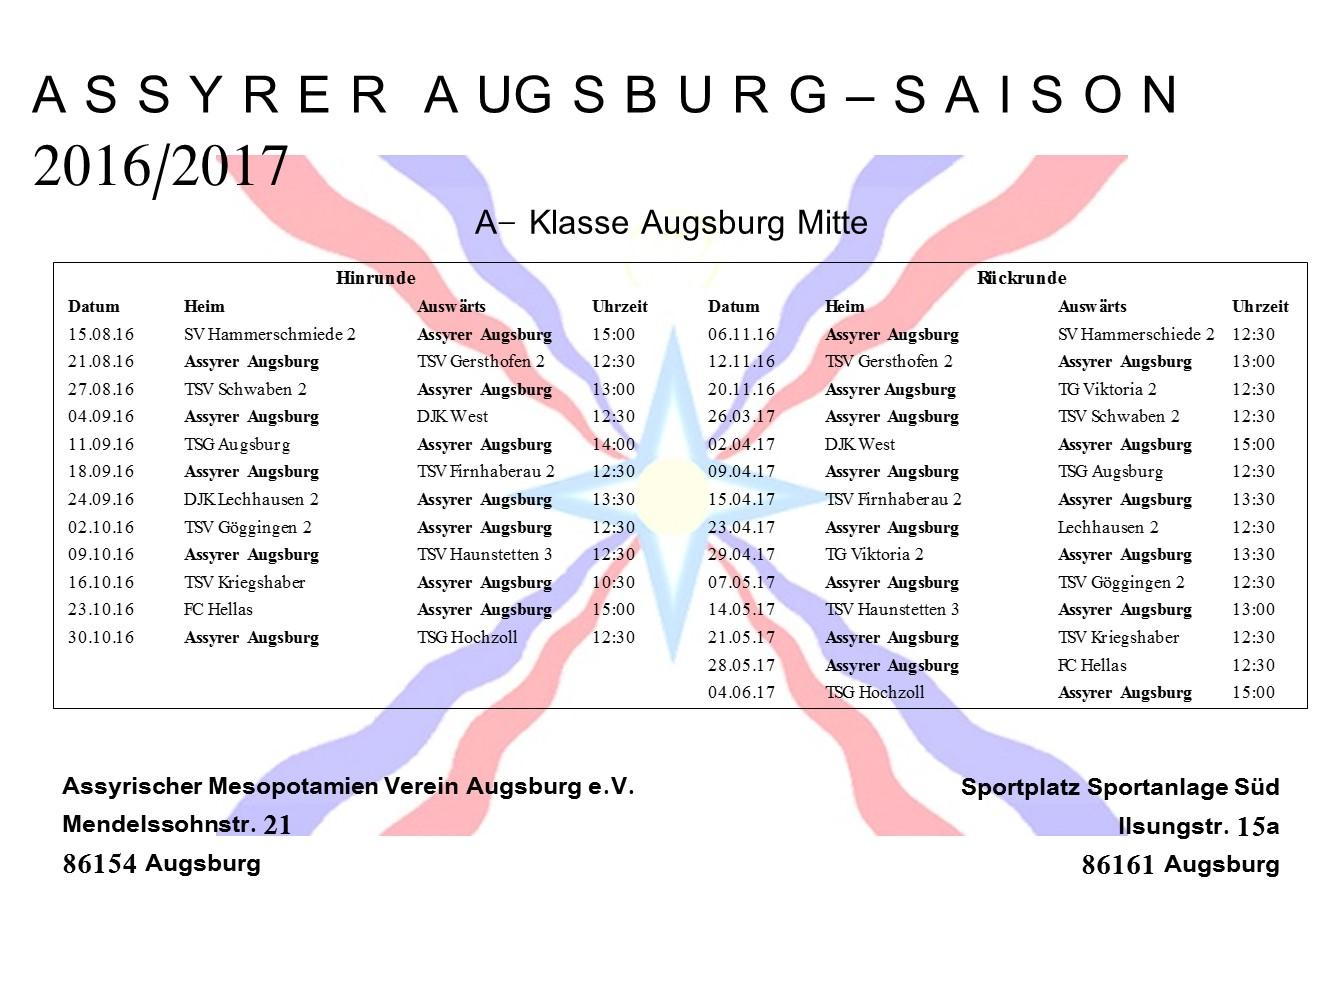 Assyrer Augsburg - Spielplan